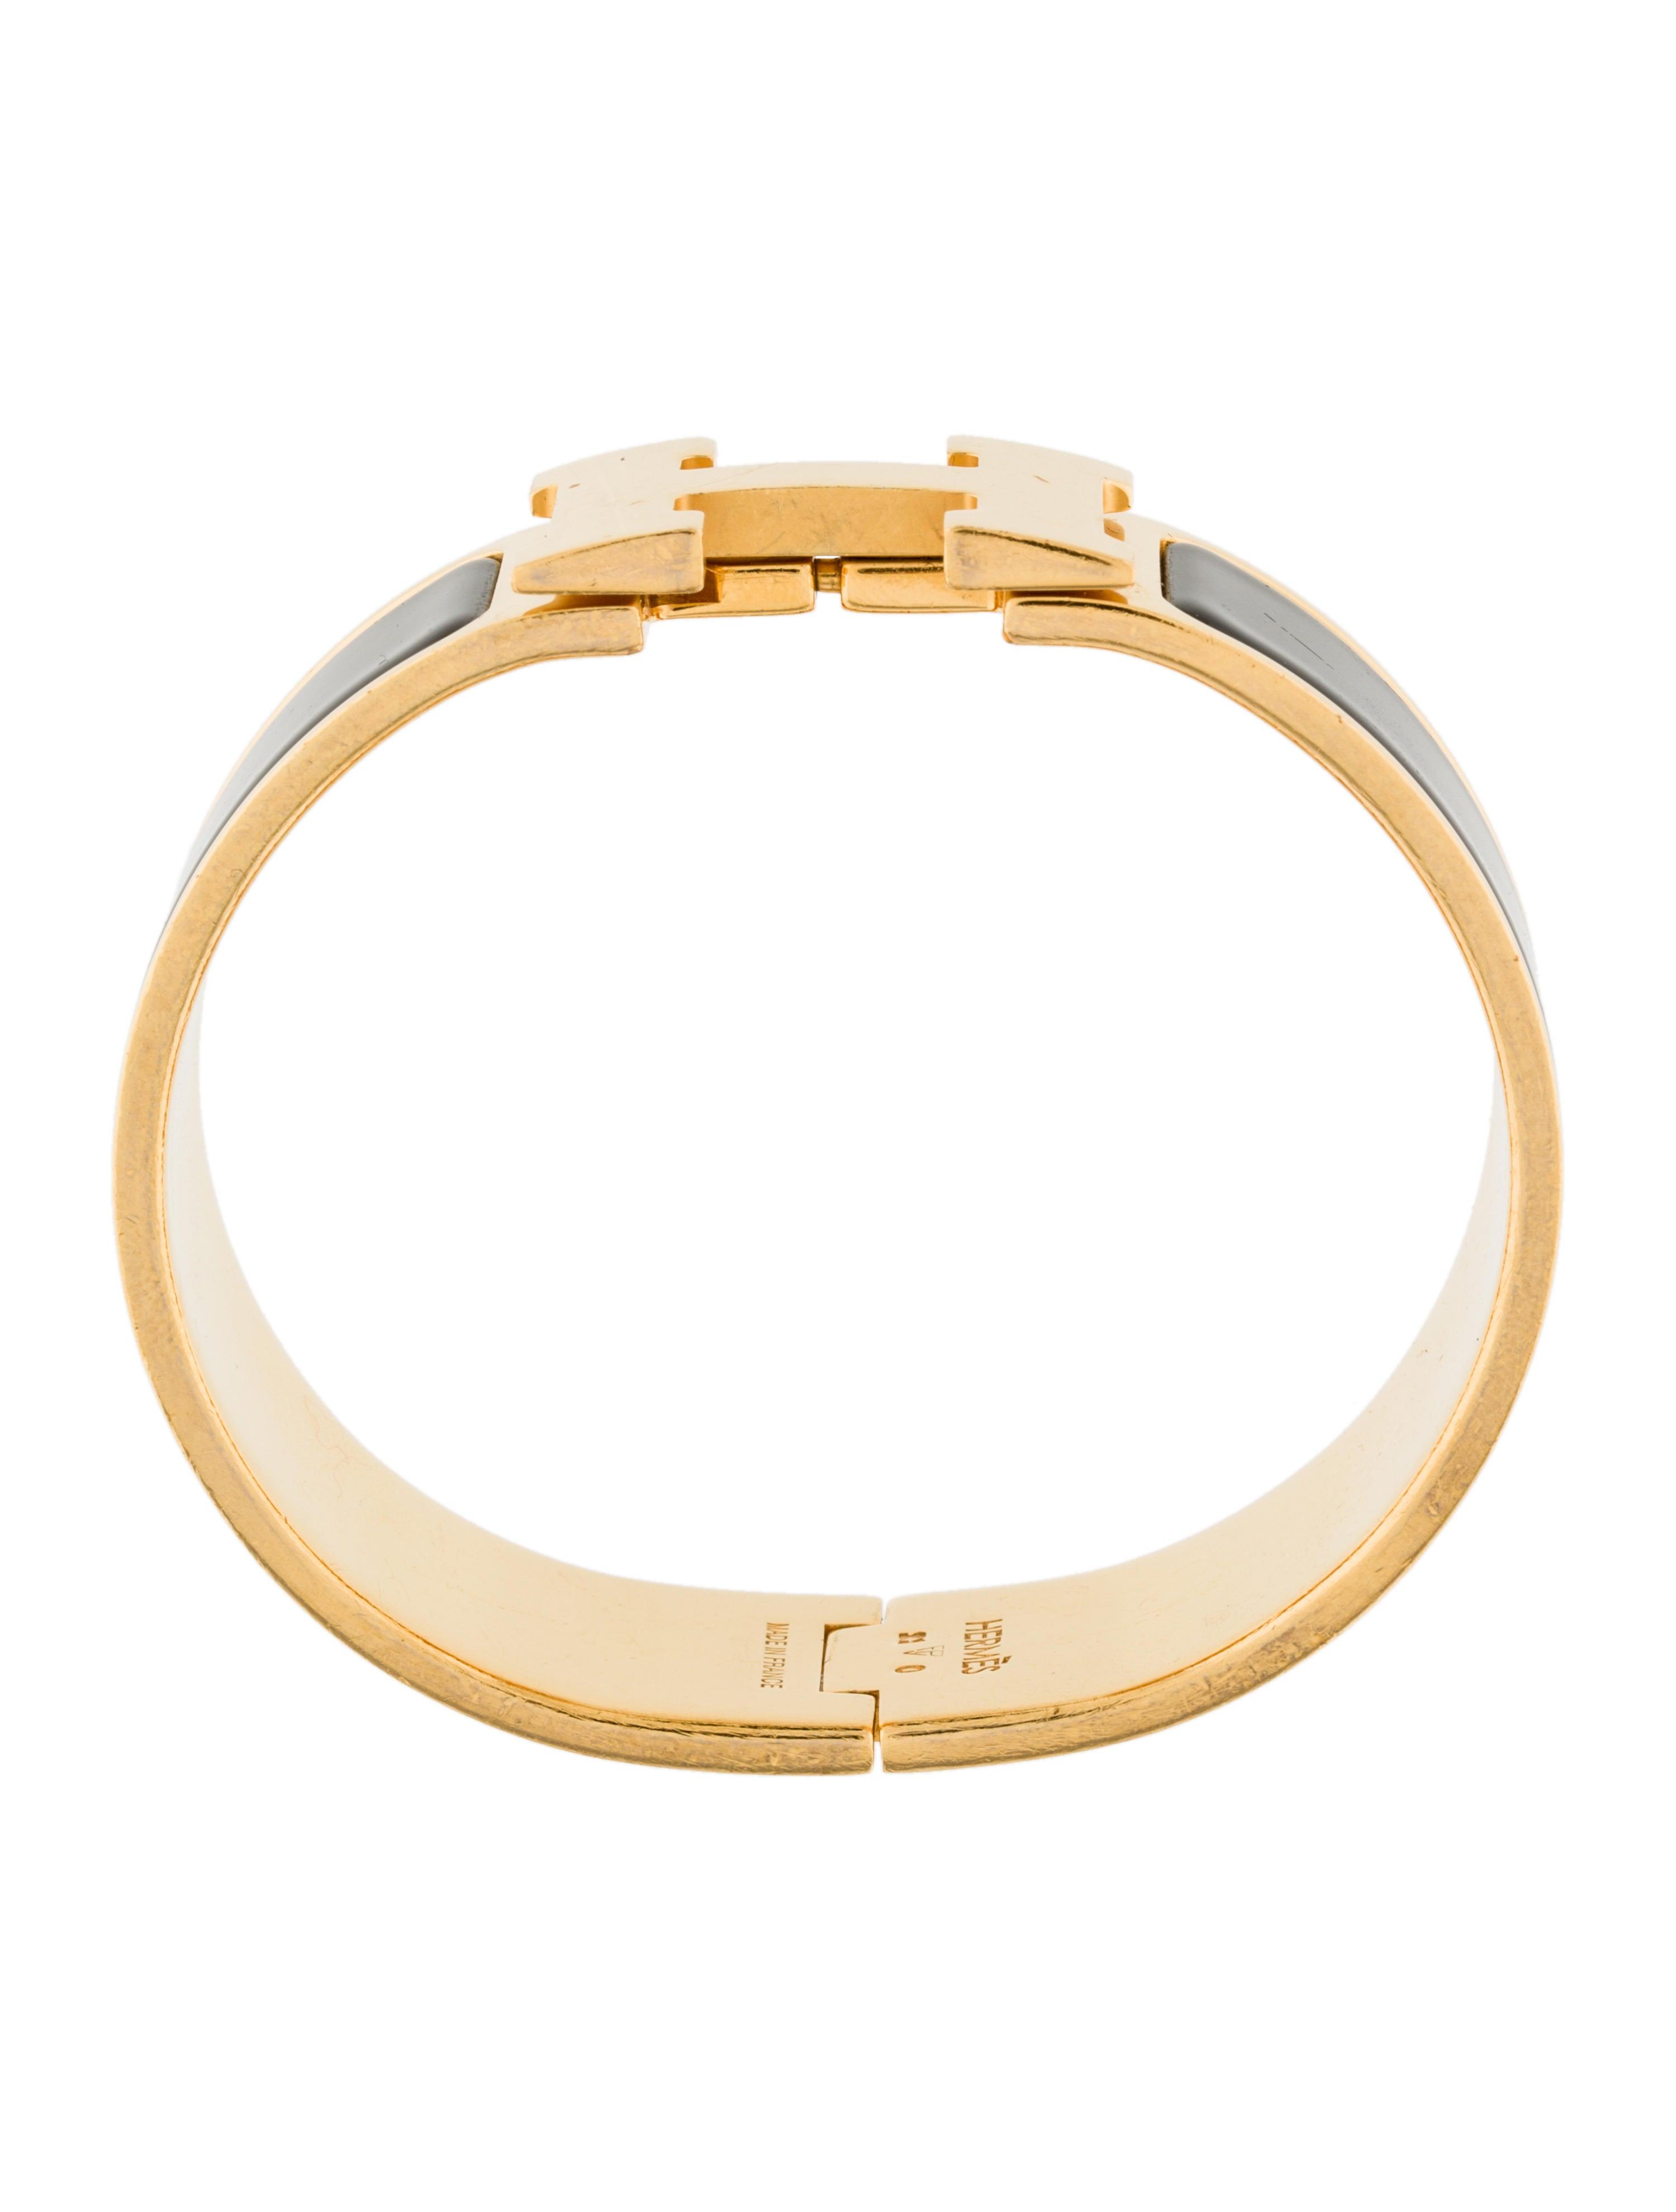 herm s wide clic clac h bracelet bracelets her95755. Black Bedroom Furniture Sets. Home Design Ideas